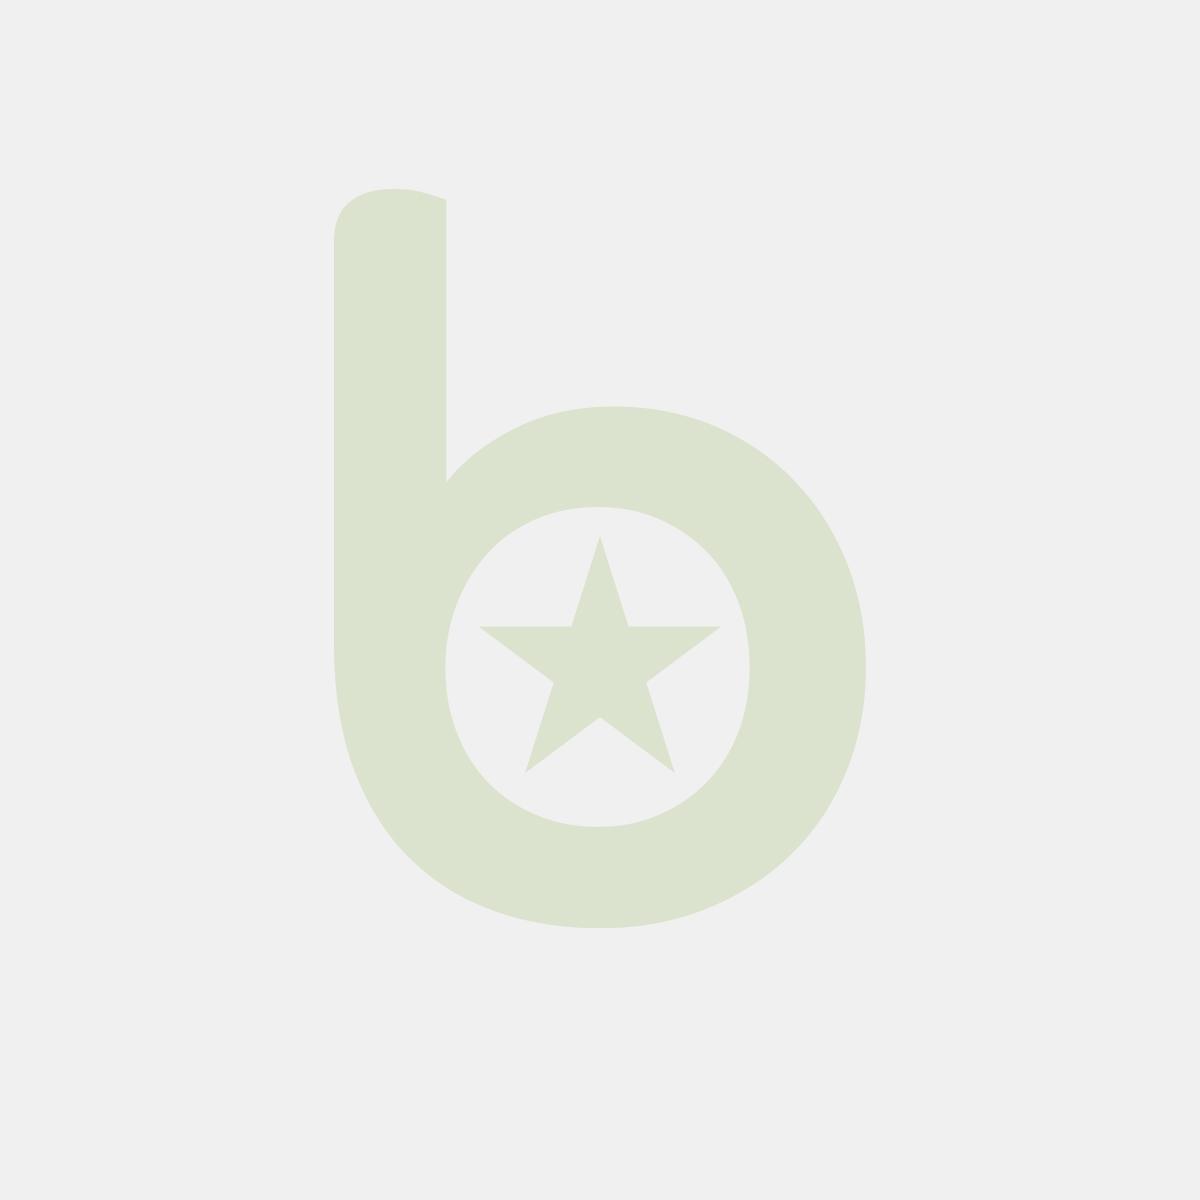 Bieżnik PAPSTAR ROYAL Collection w rolce 24m/40cm żółty, bibuła